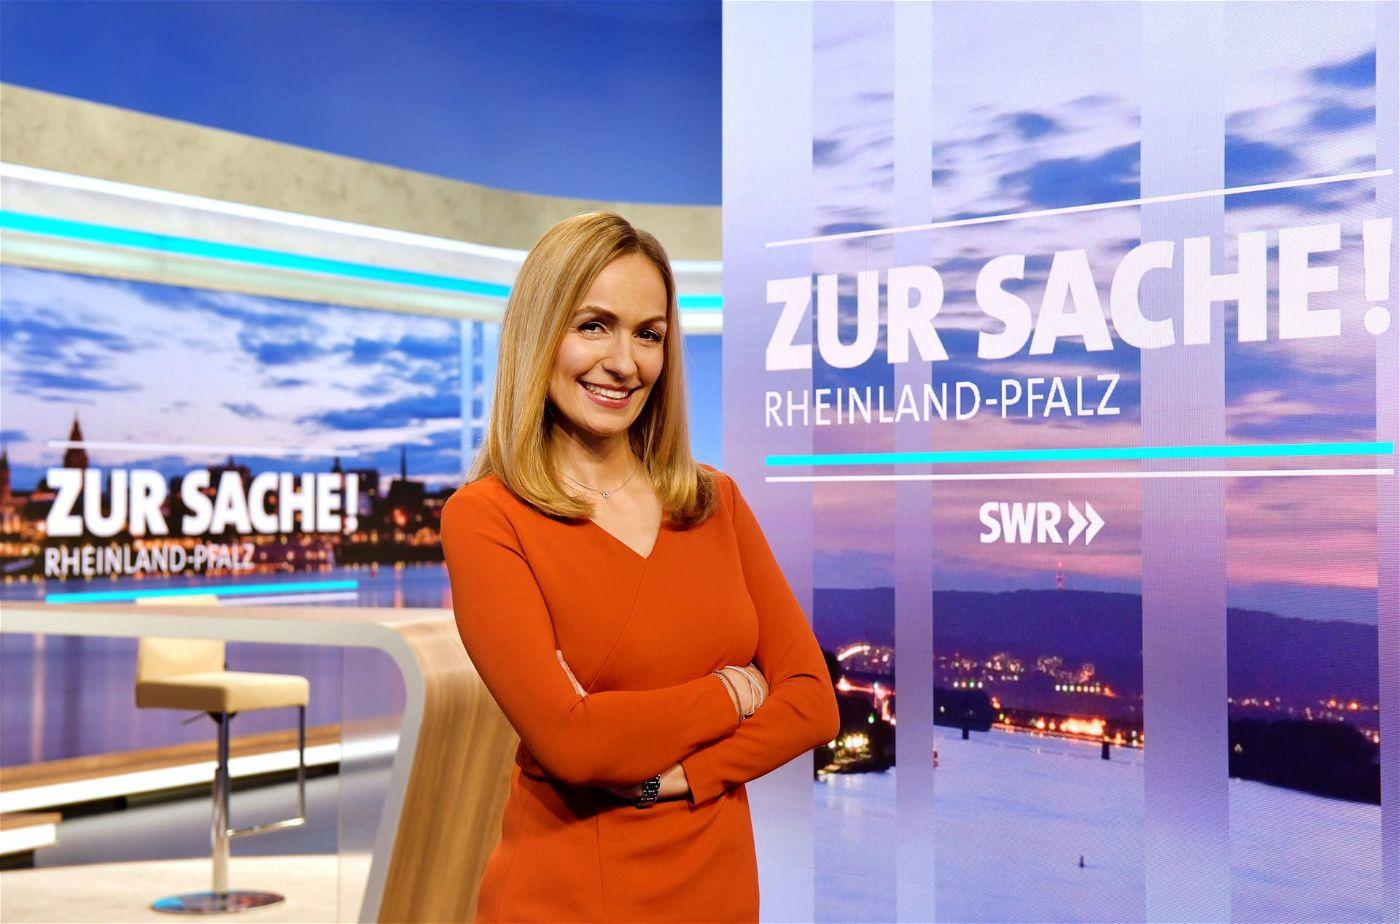 Swr Rheinland Pfalz Programm